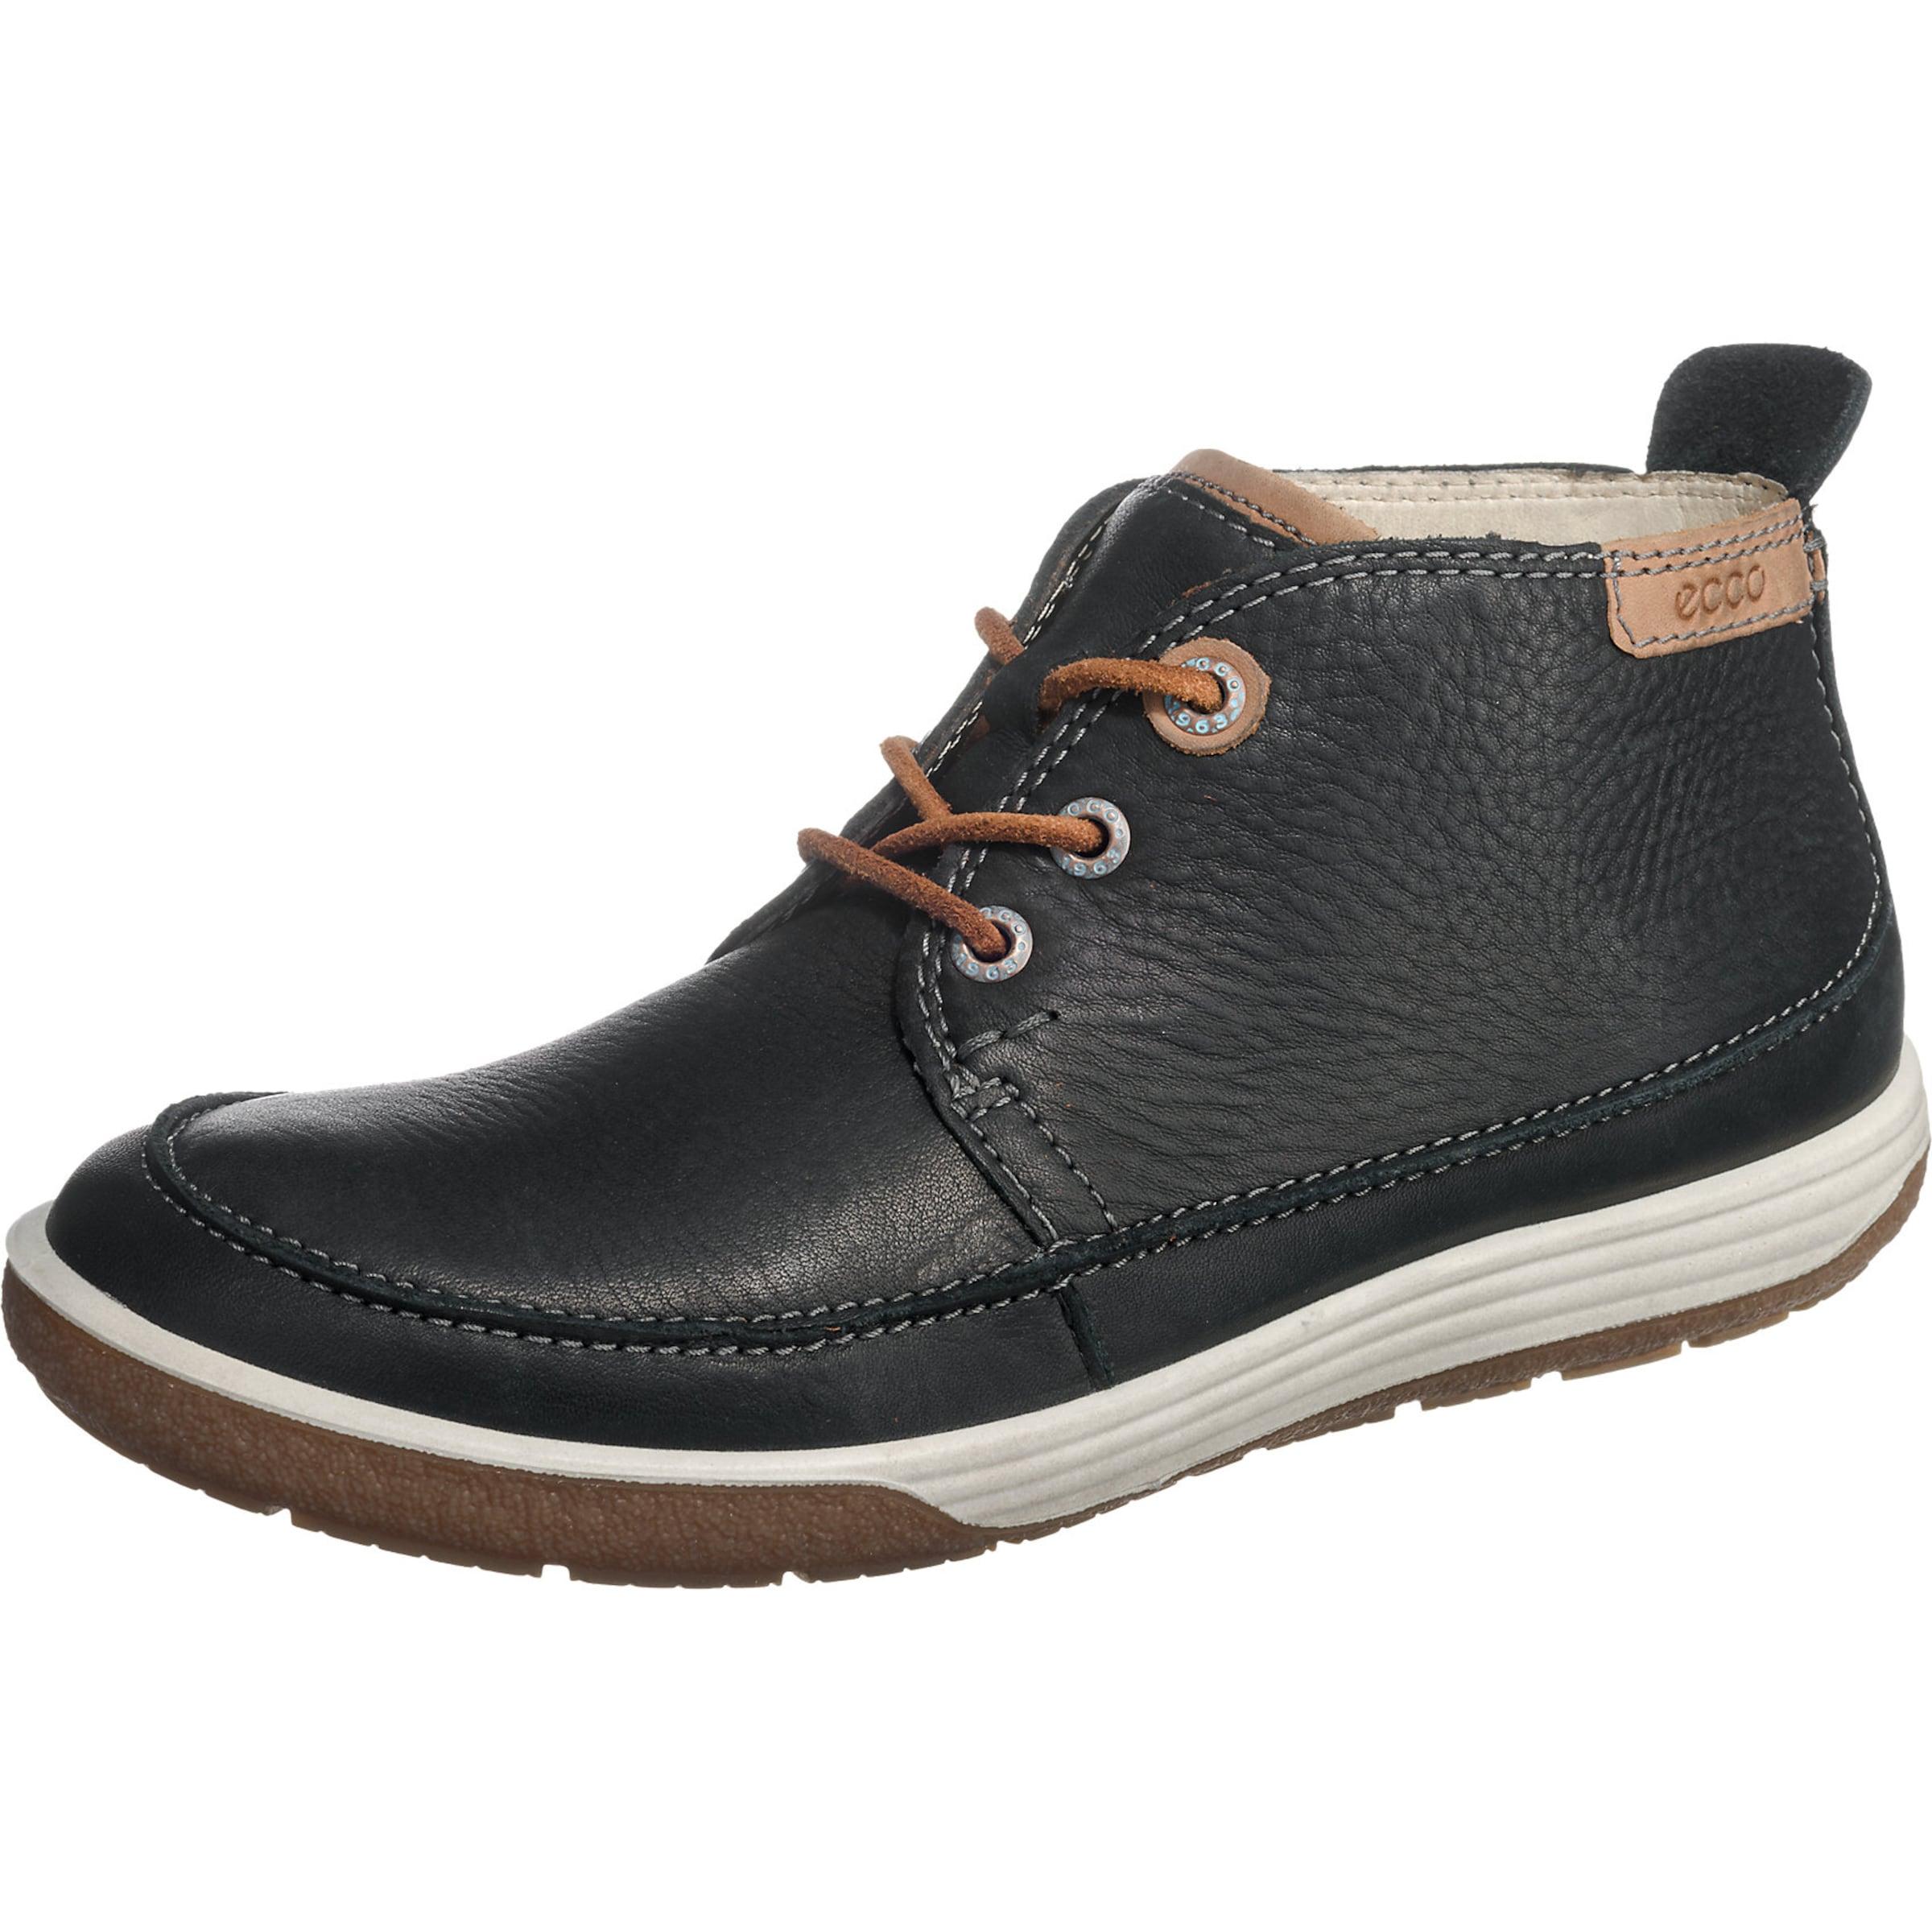 ECCO Chase II Stiefeletten Verschleißfeste billige Schuhe